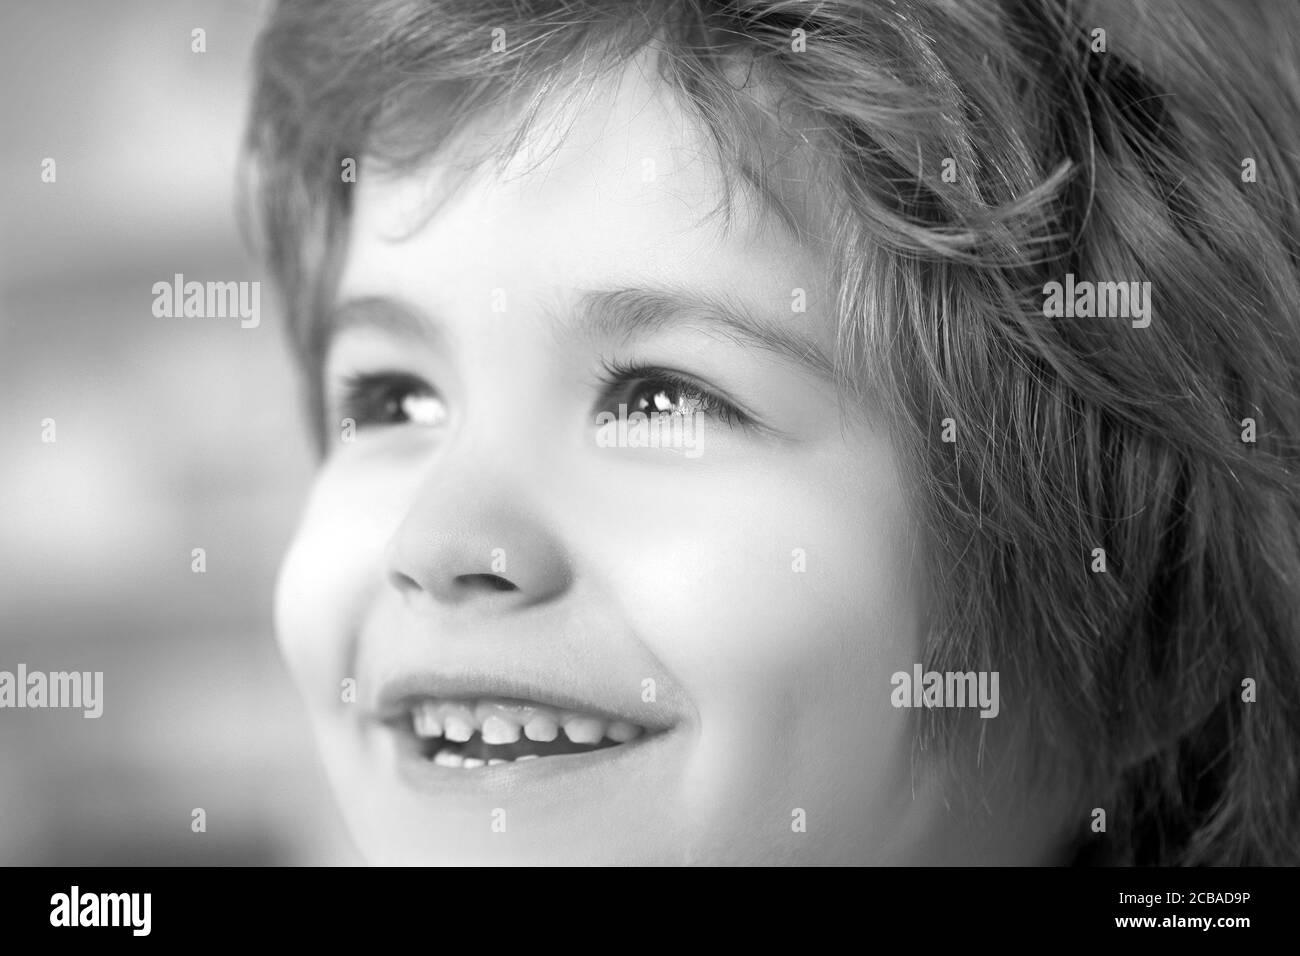 Porträt des Kindes überrascht und neugierig Gesicht. Stockfoto